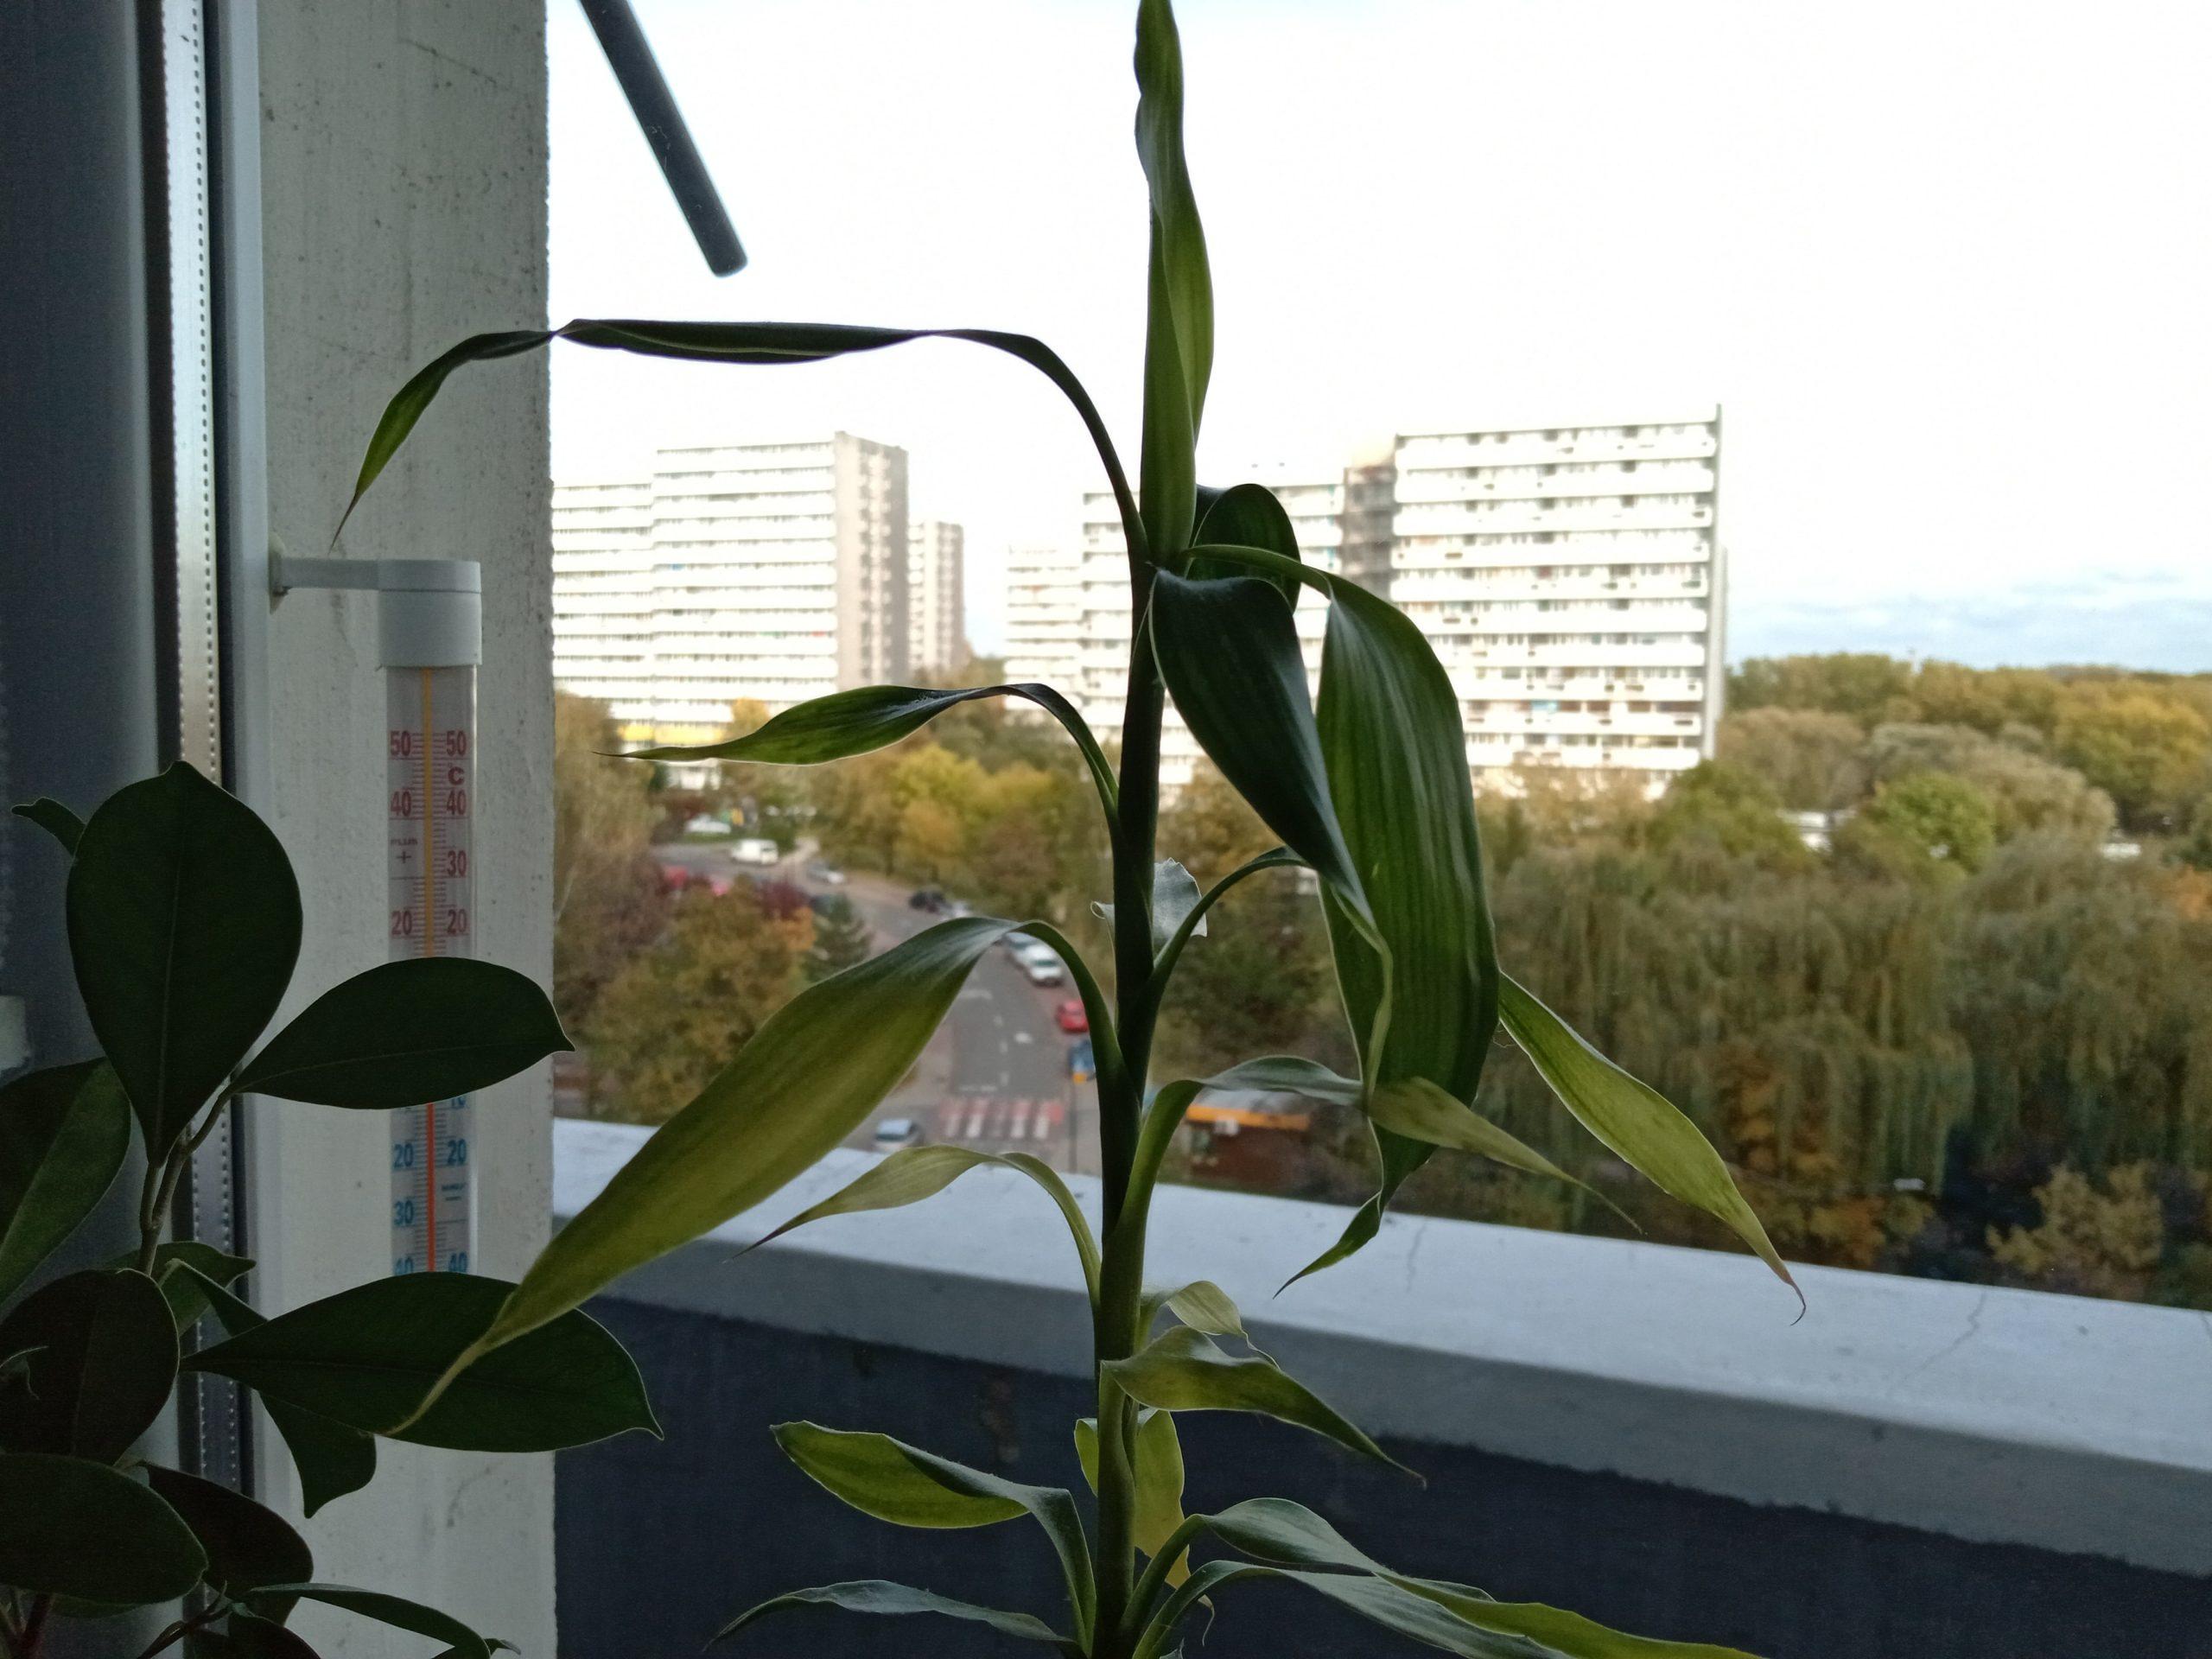 Zdjęcia makro - HTC Desire 19+